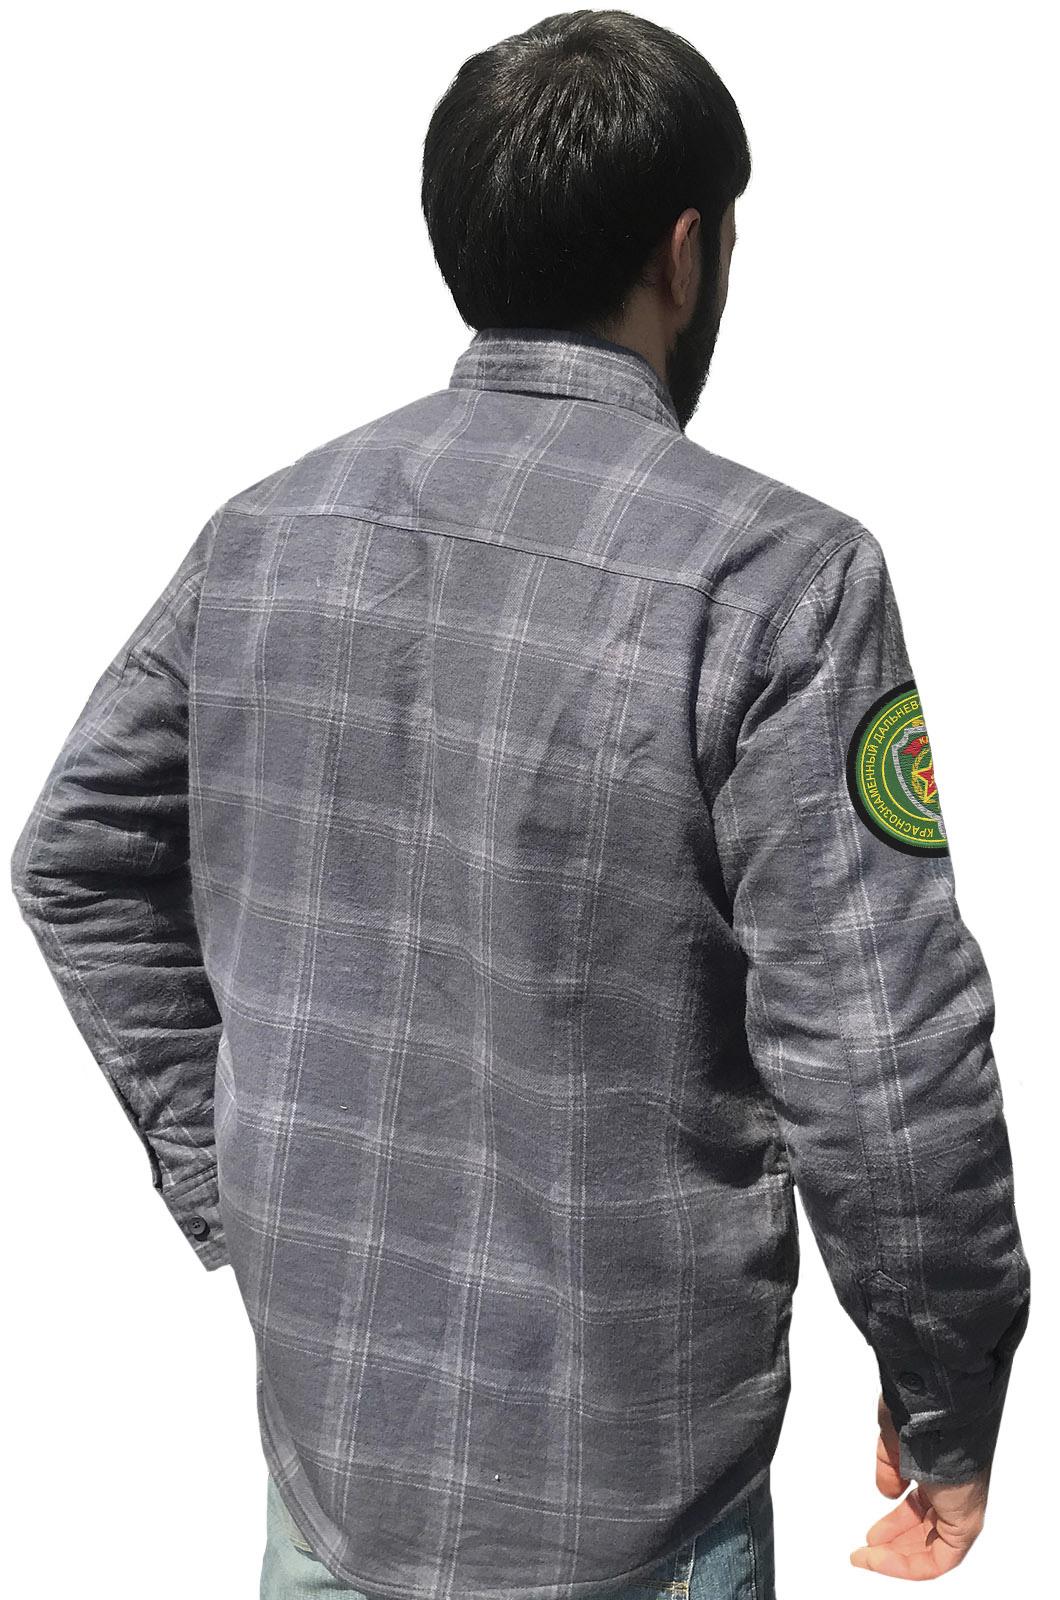 Пограничная рубашка с эмблемой КДПО заказать оптом и в розницу